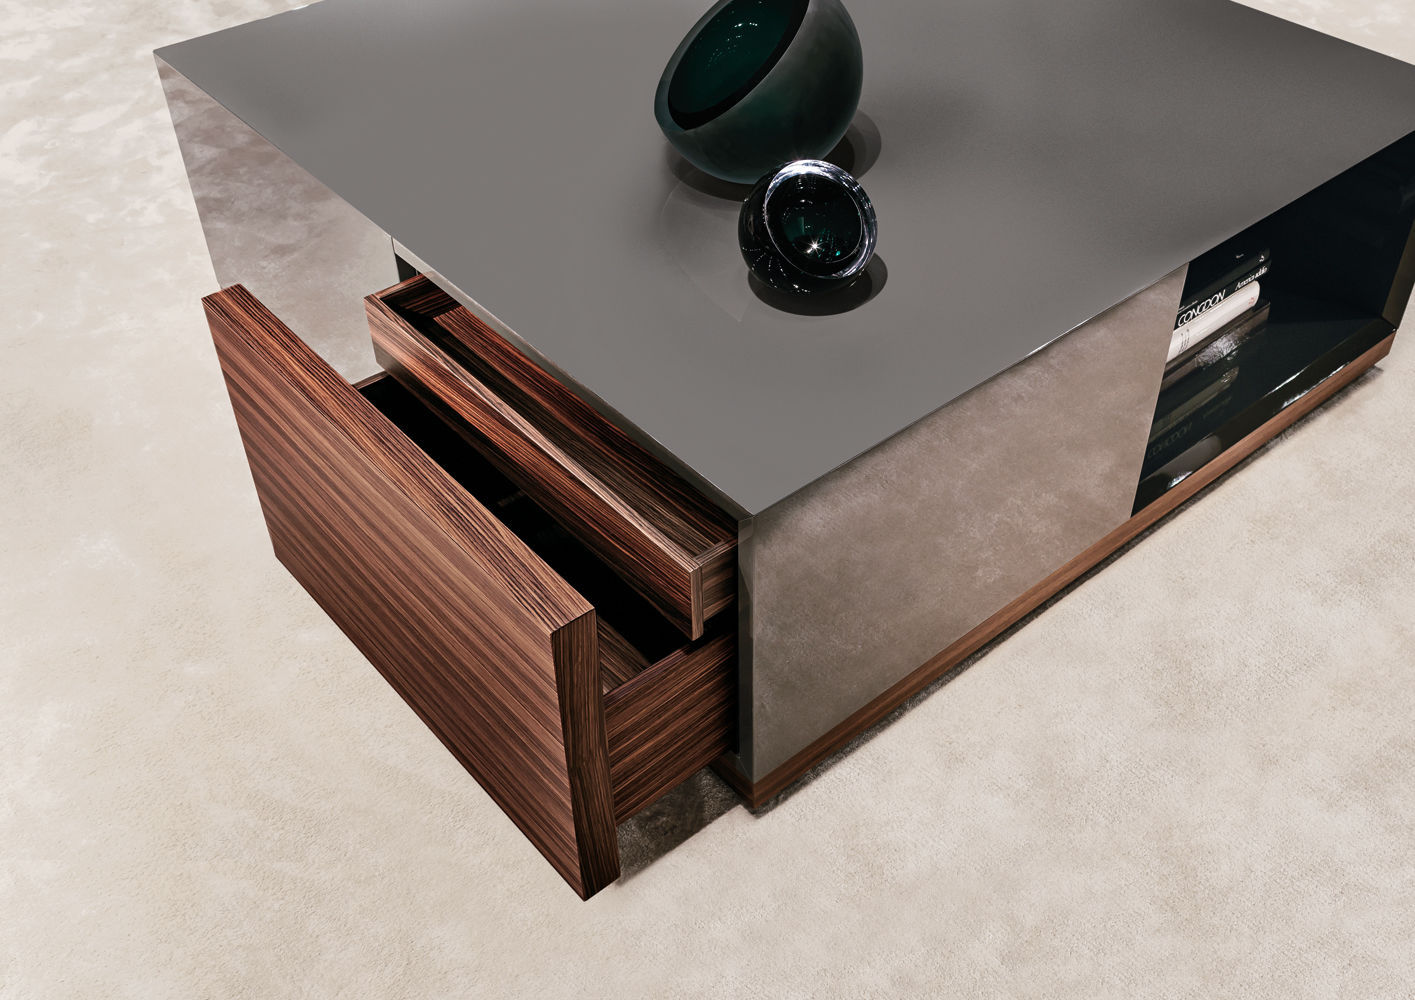 Table basse carr e avec rangement design en image for Table basse carree avec rangement